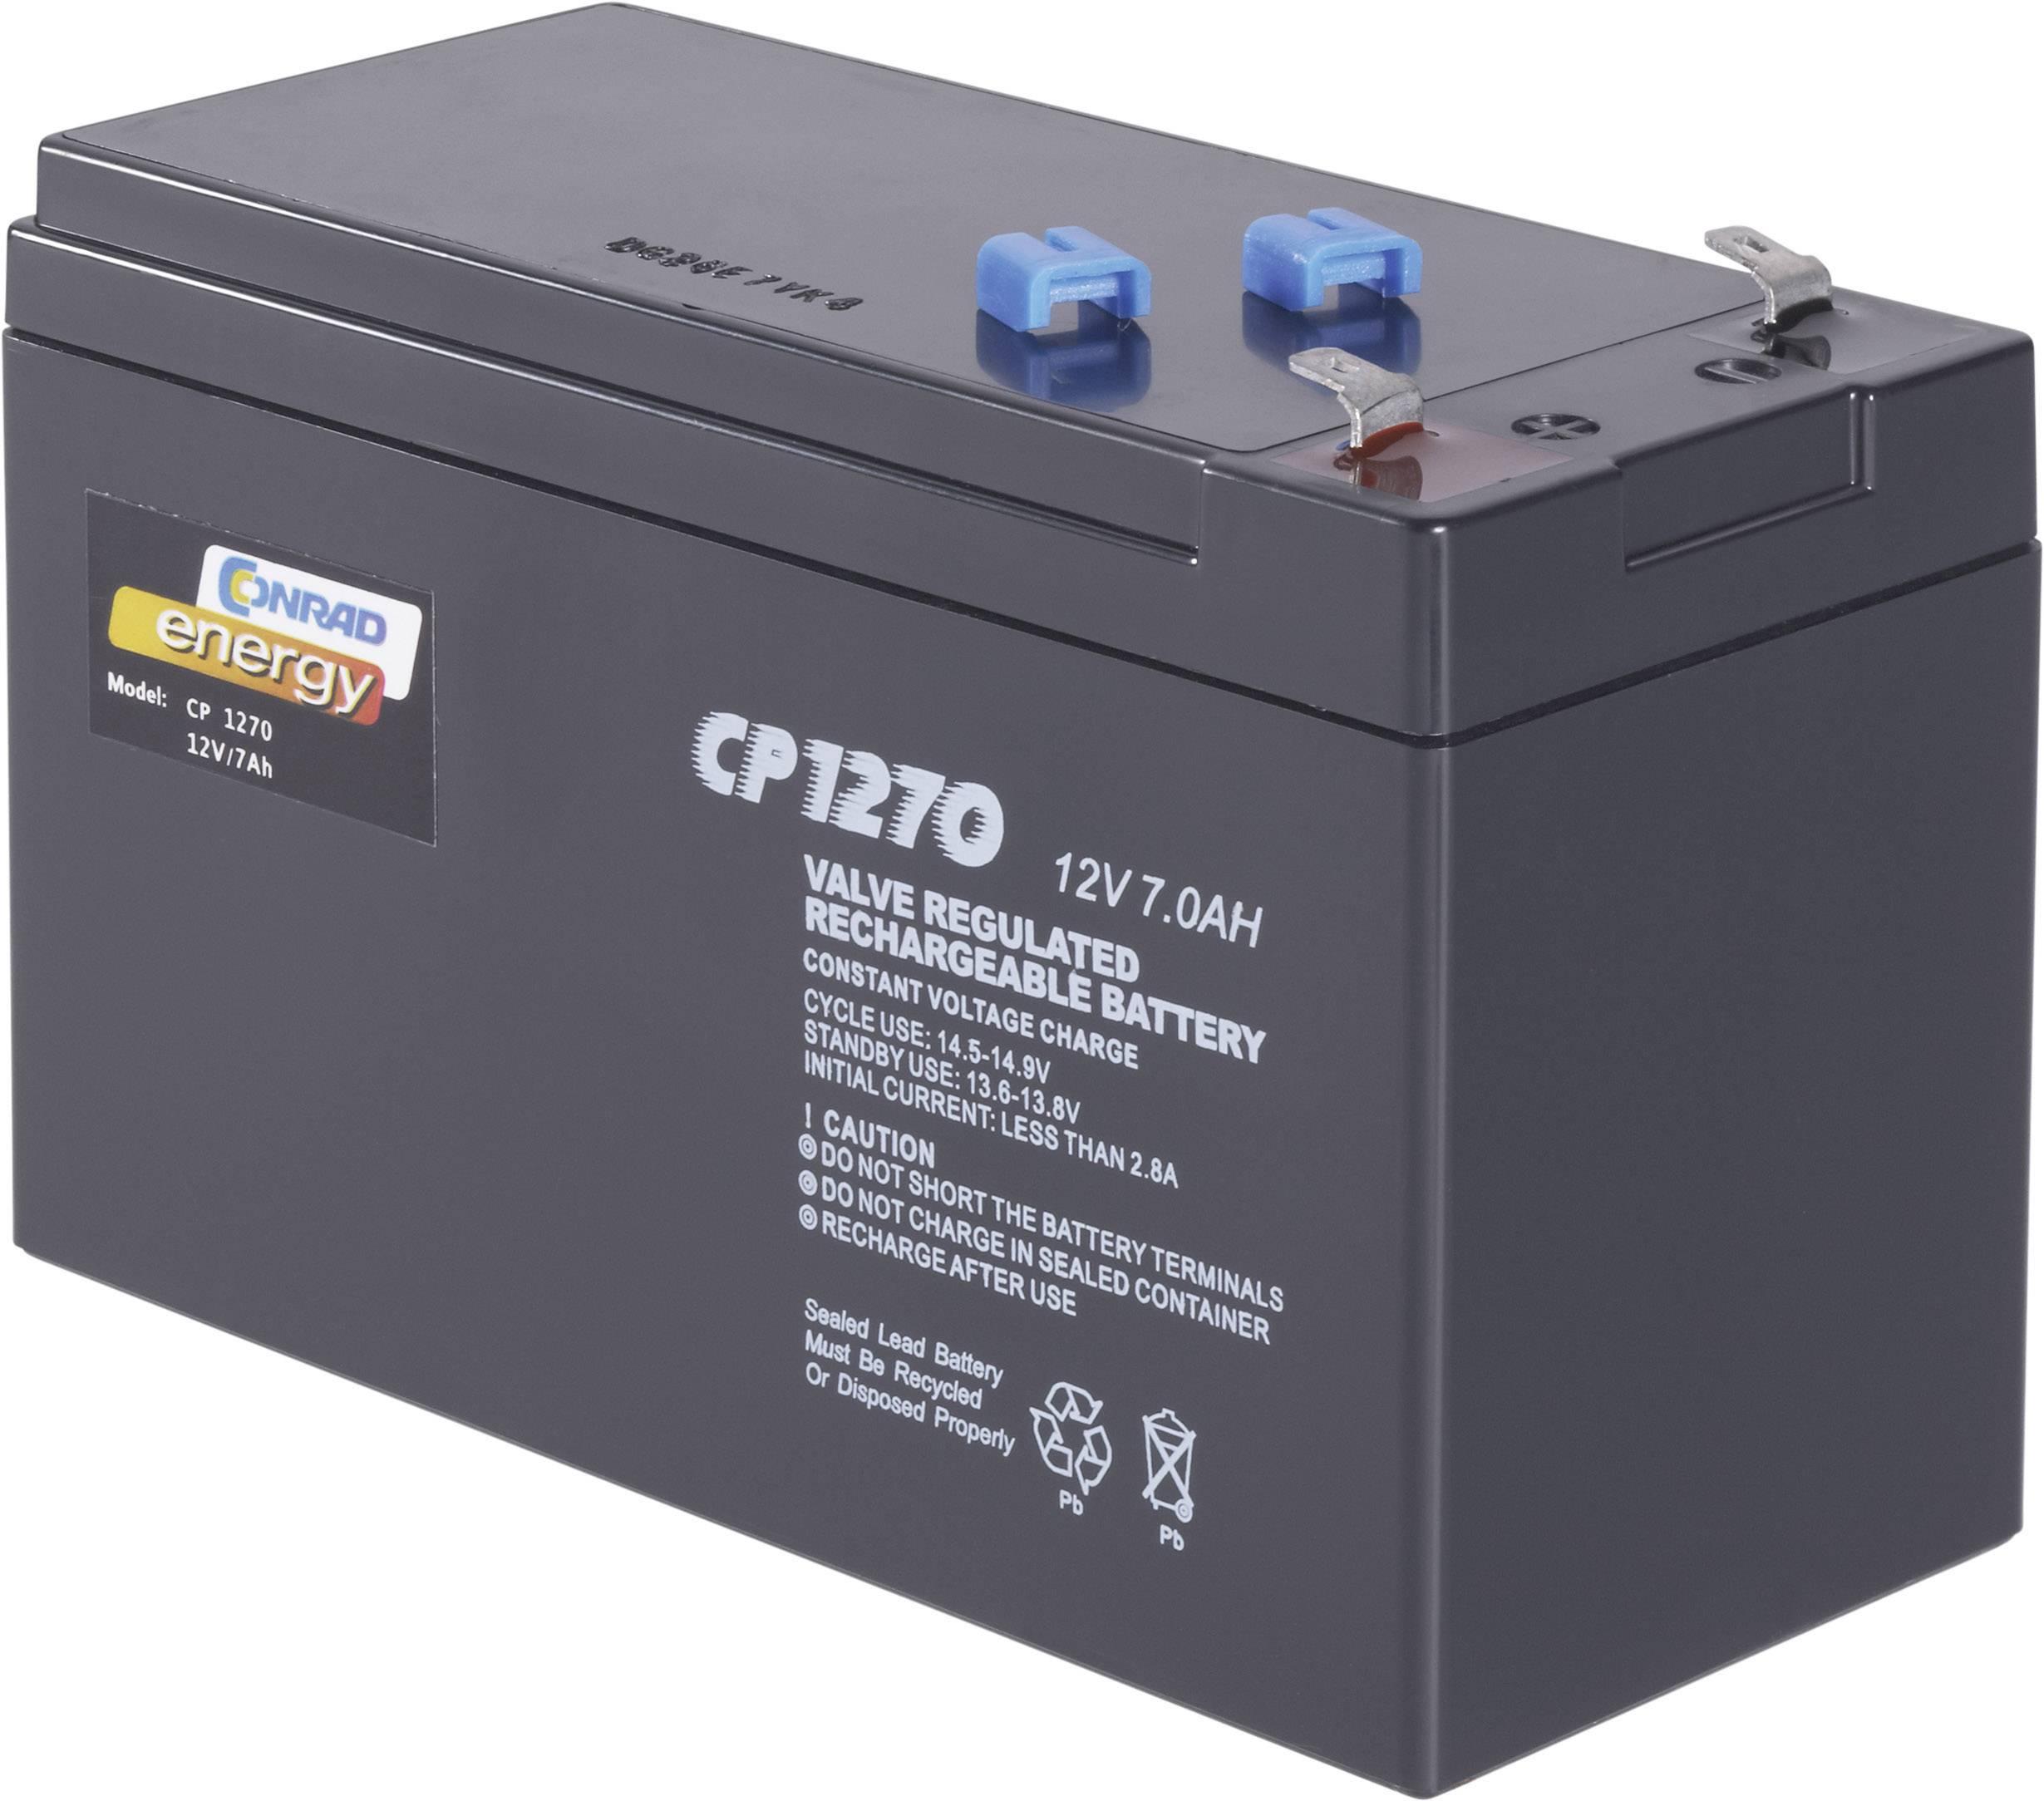 Olovený akumulátor Conrad energy CE12V/7Ah 250202, 7 Ah, 12 V